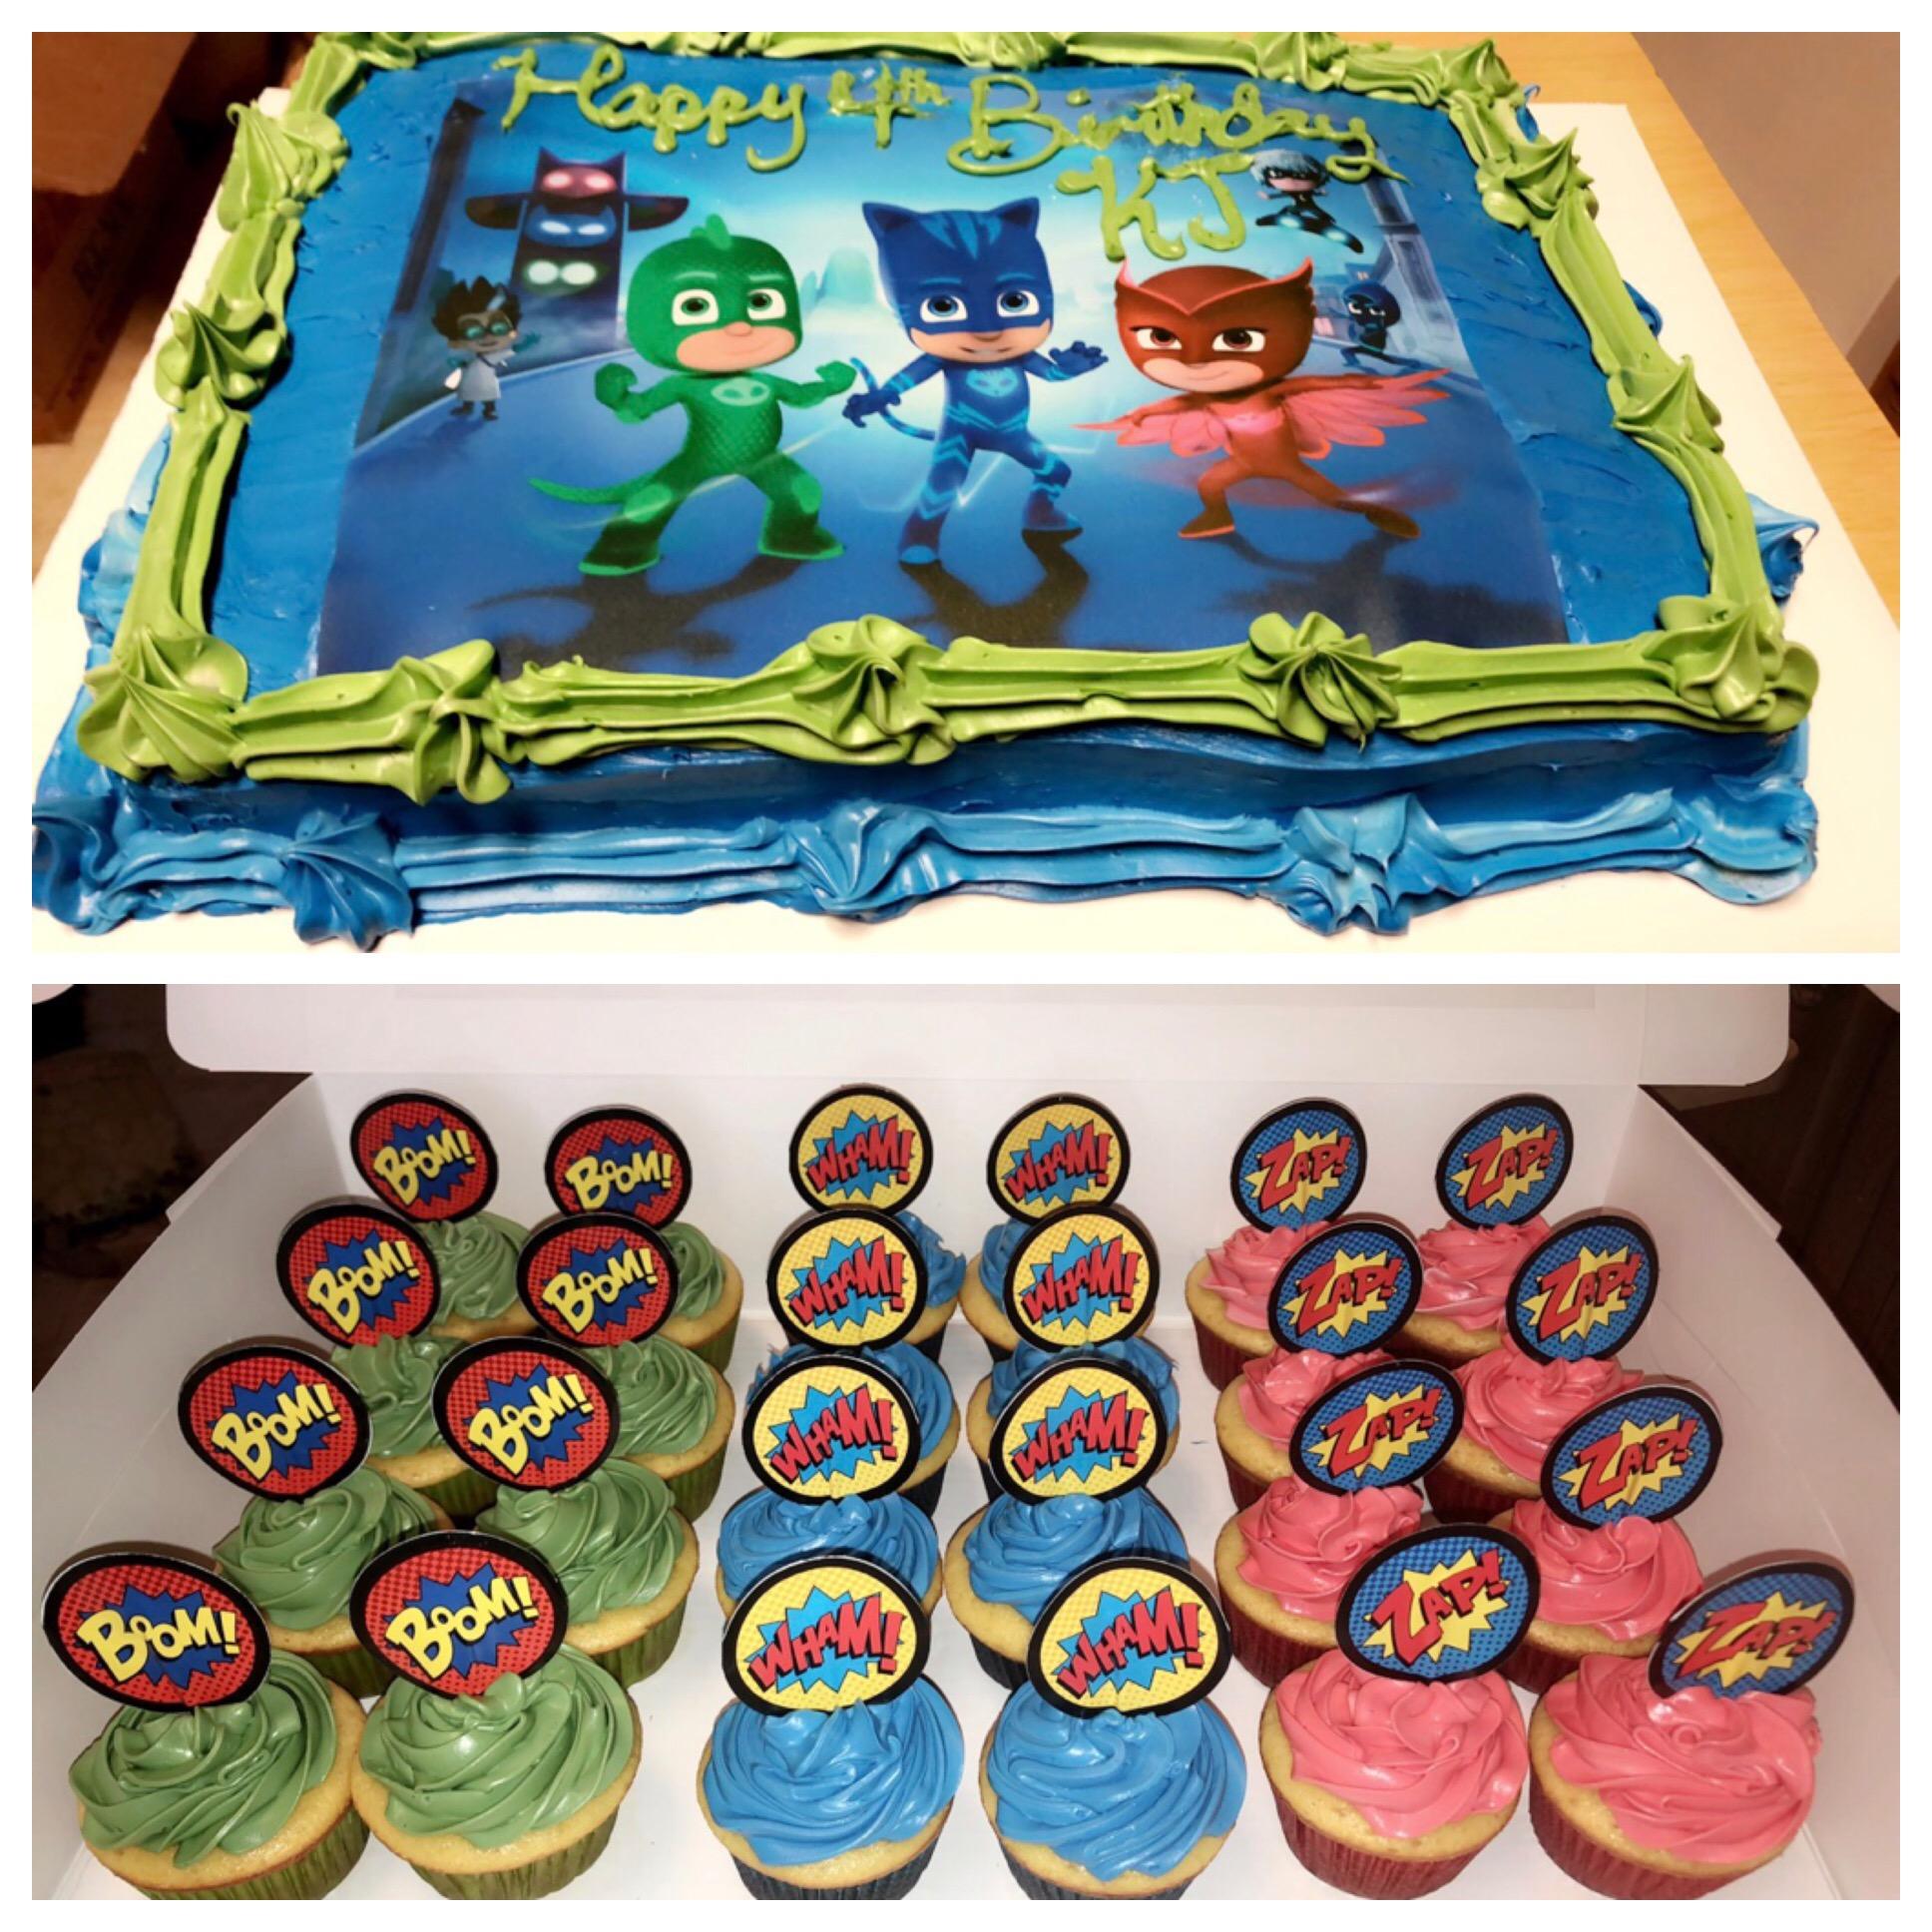 PJmaskBirthdayCake&Cupcakes